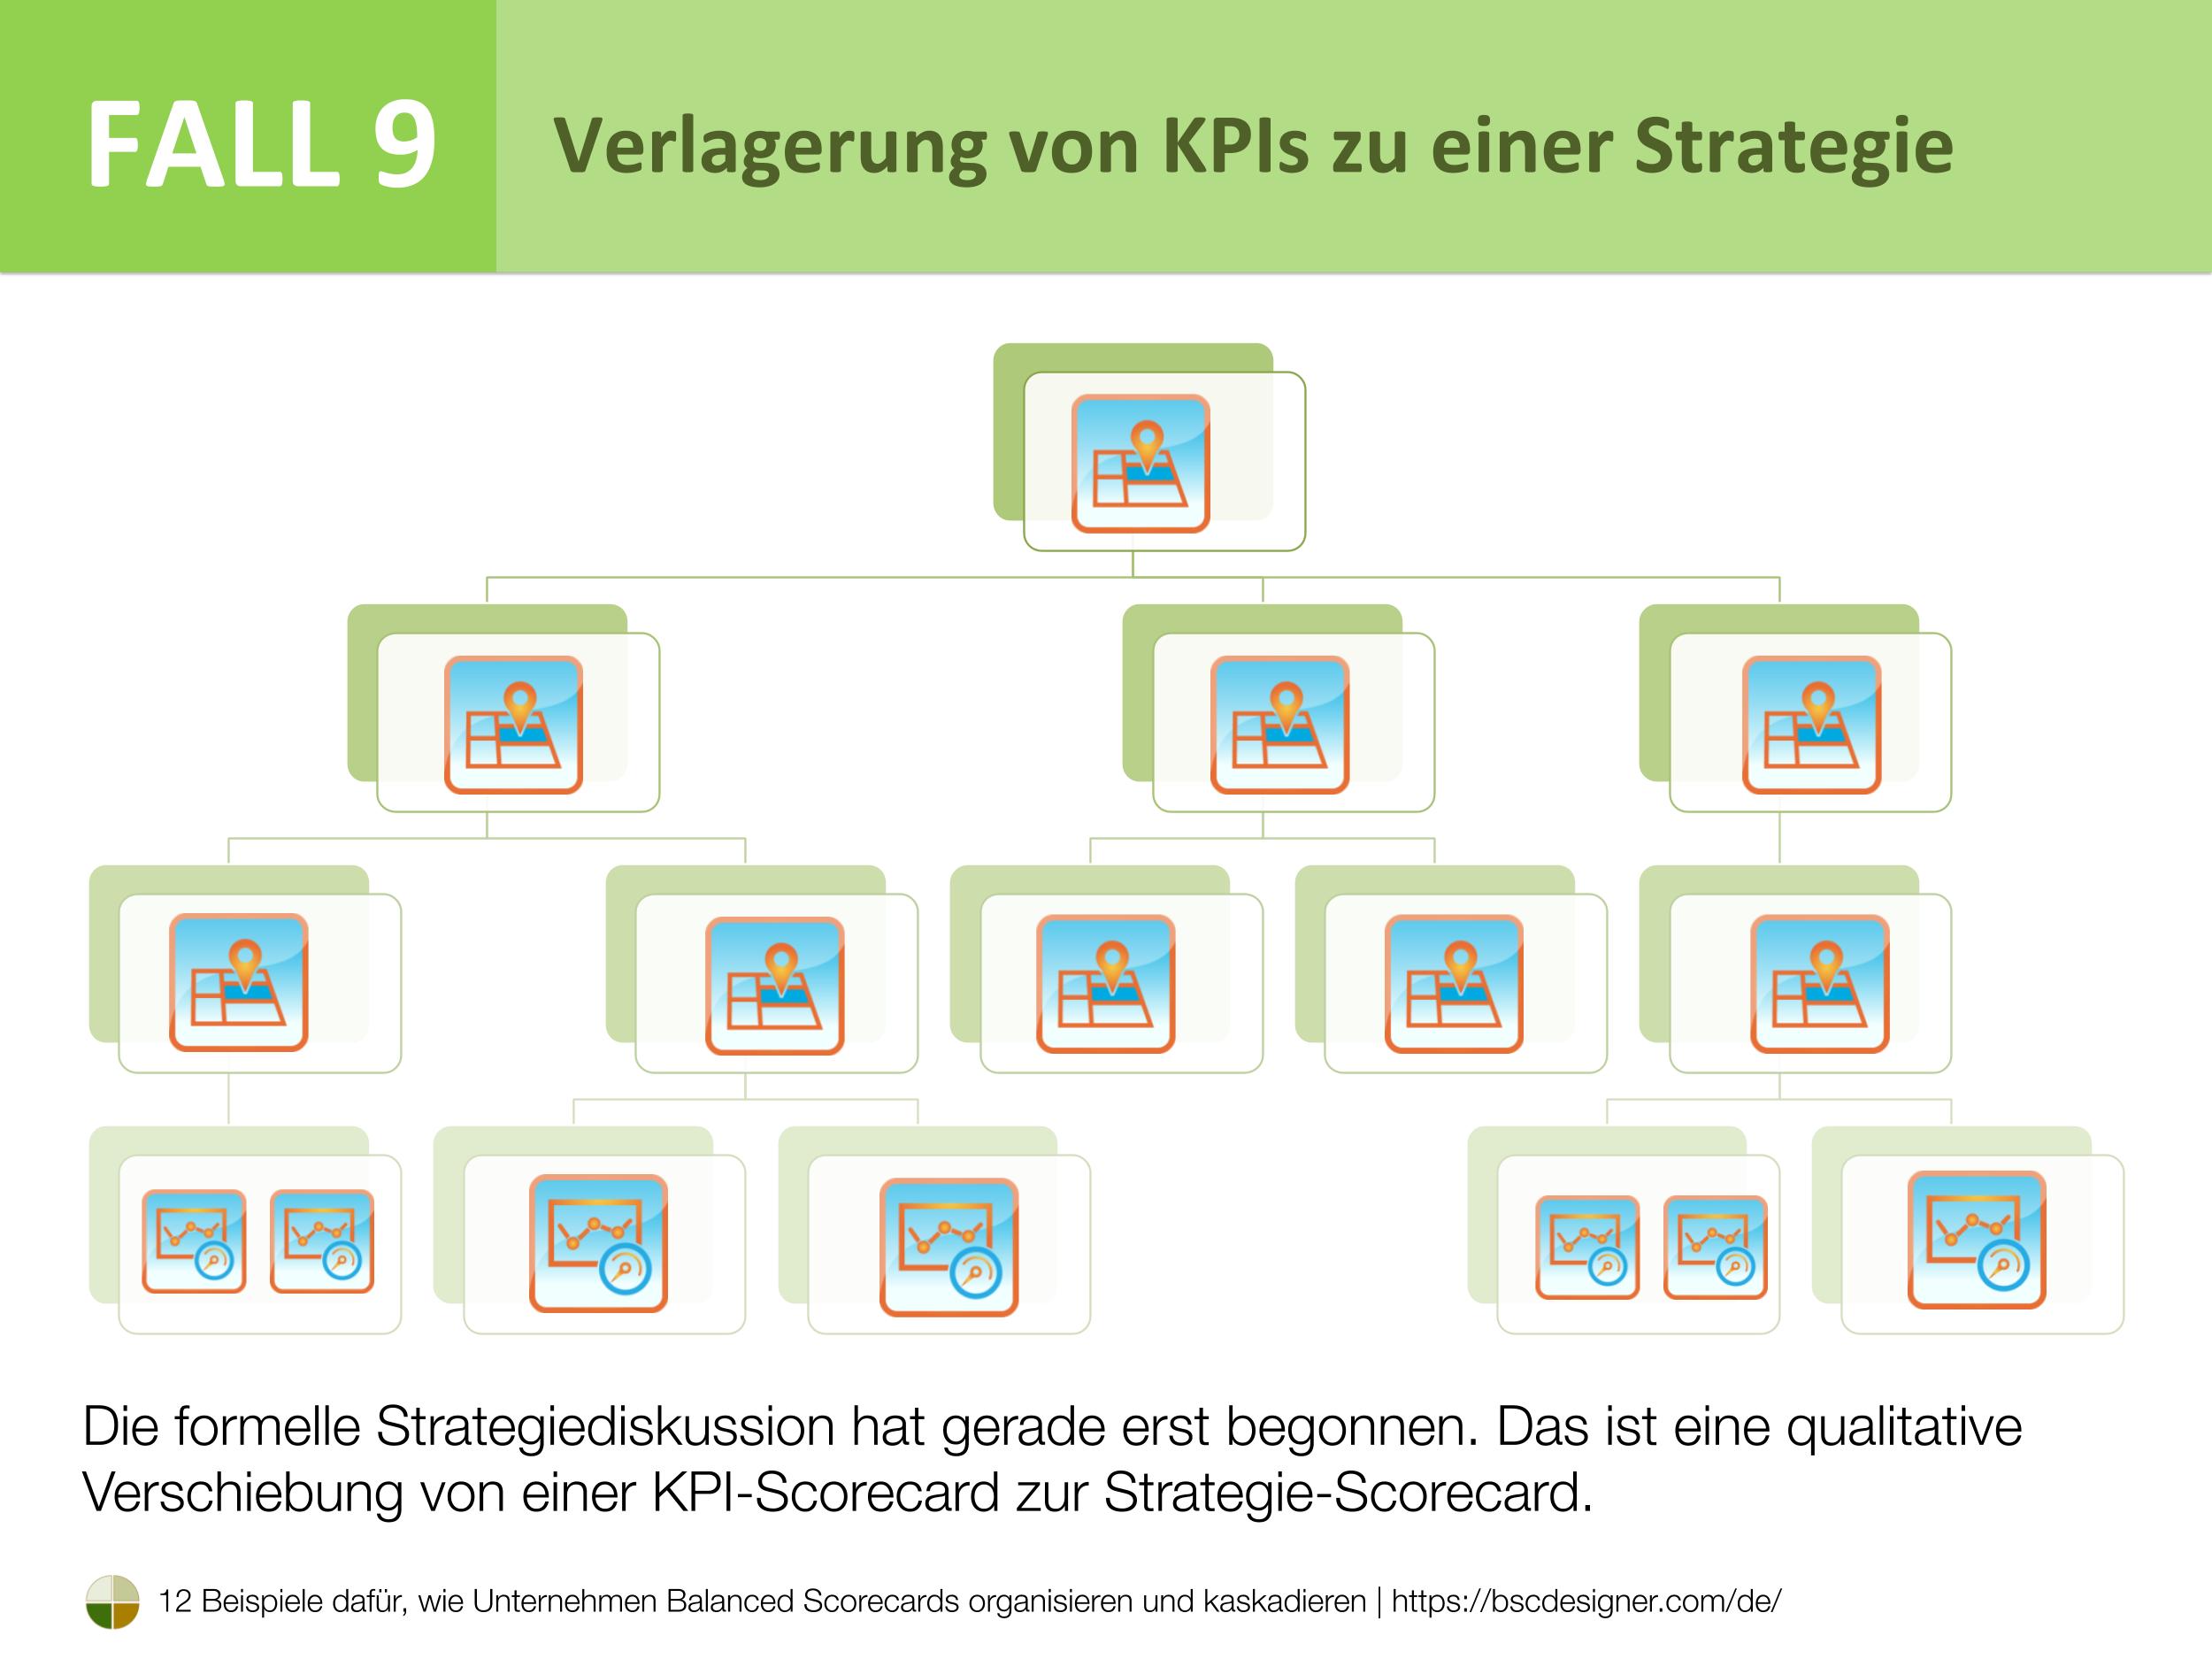 Fall 9 - Verlagerung von KPIs zu einer Strategie